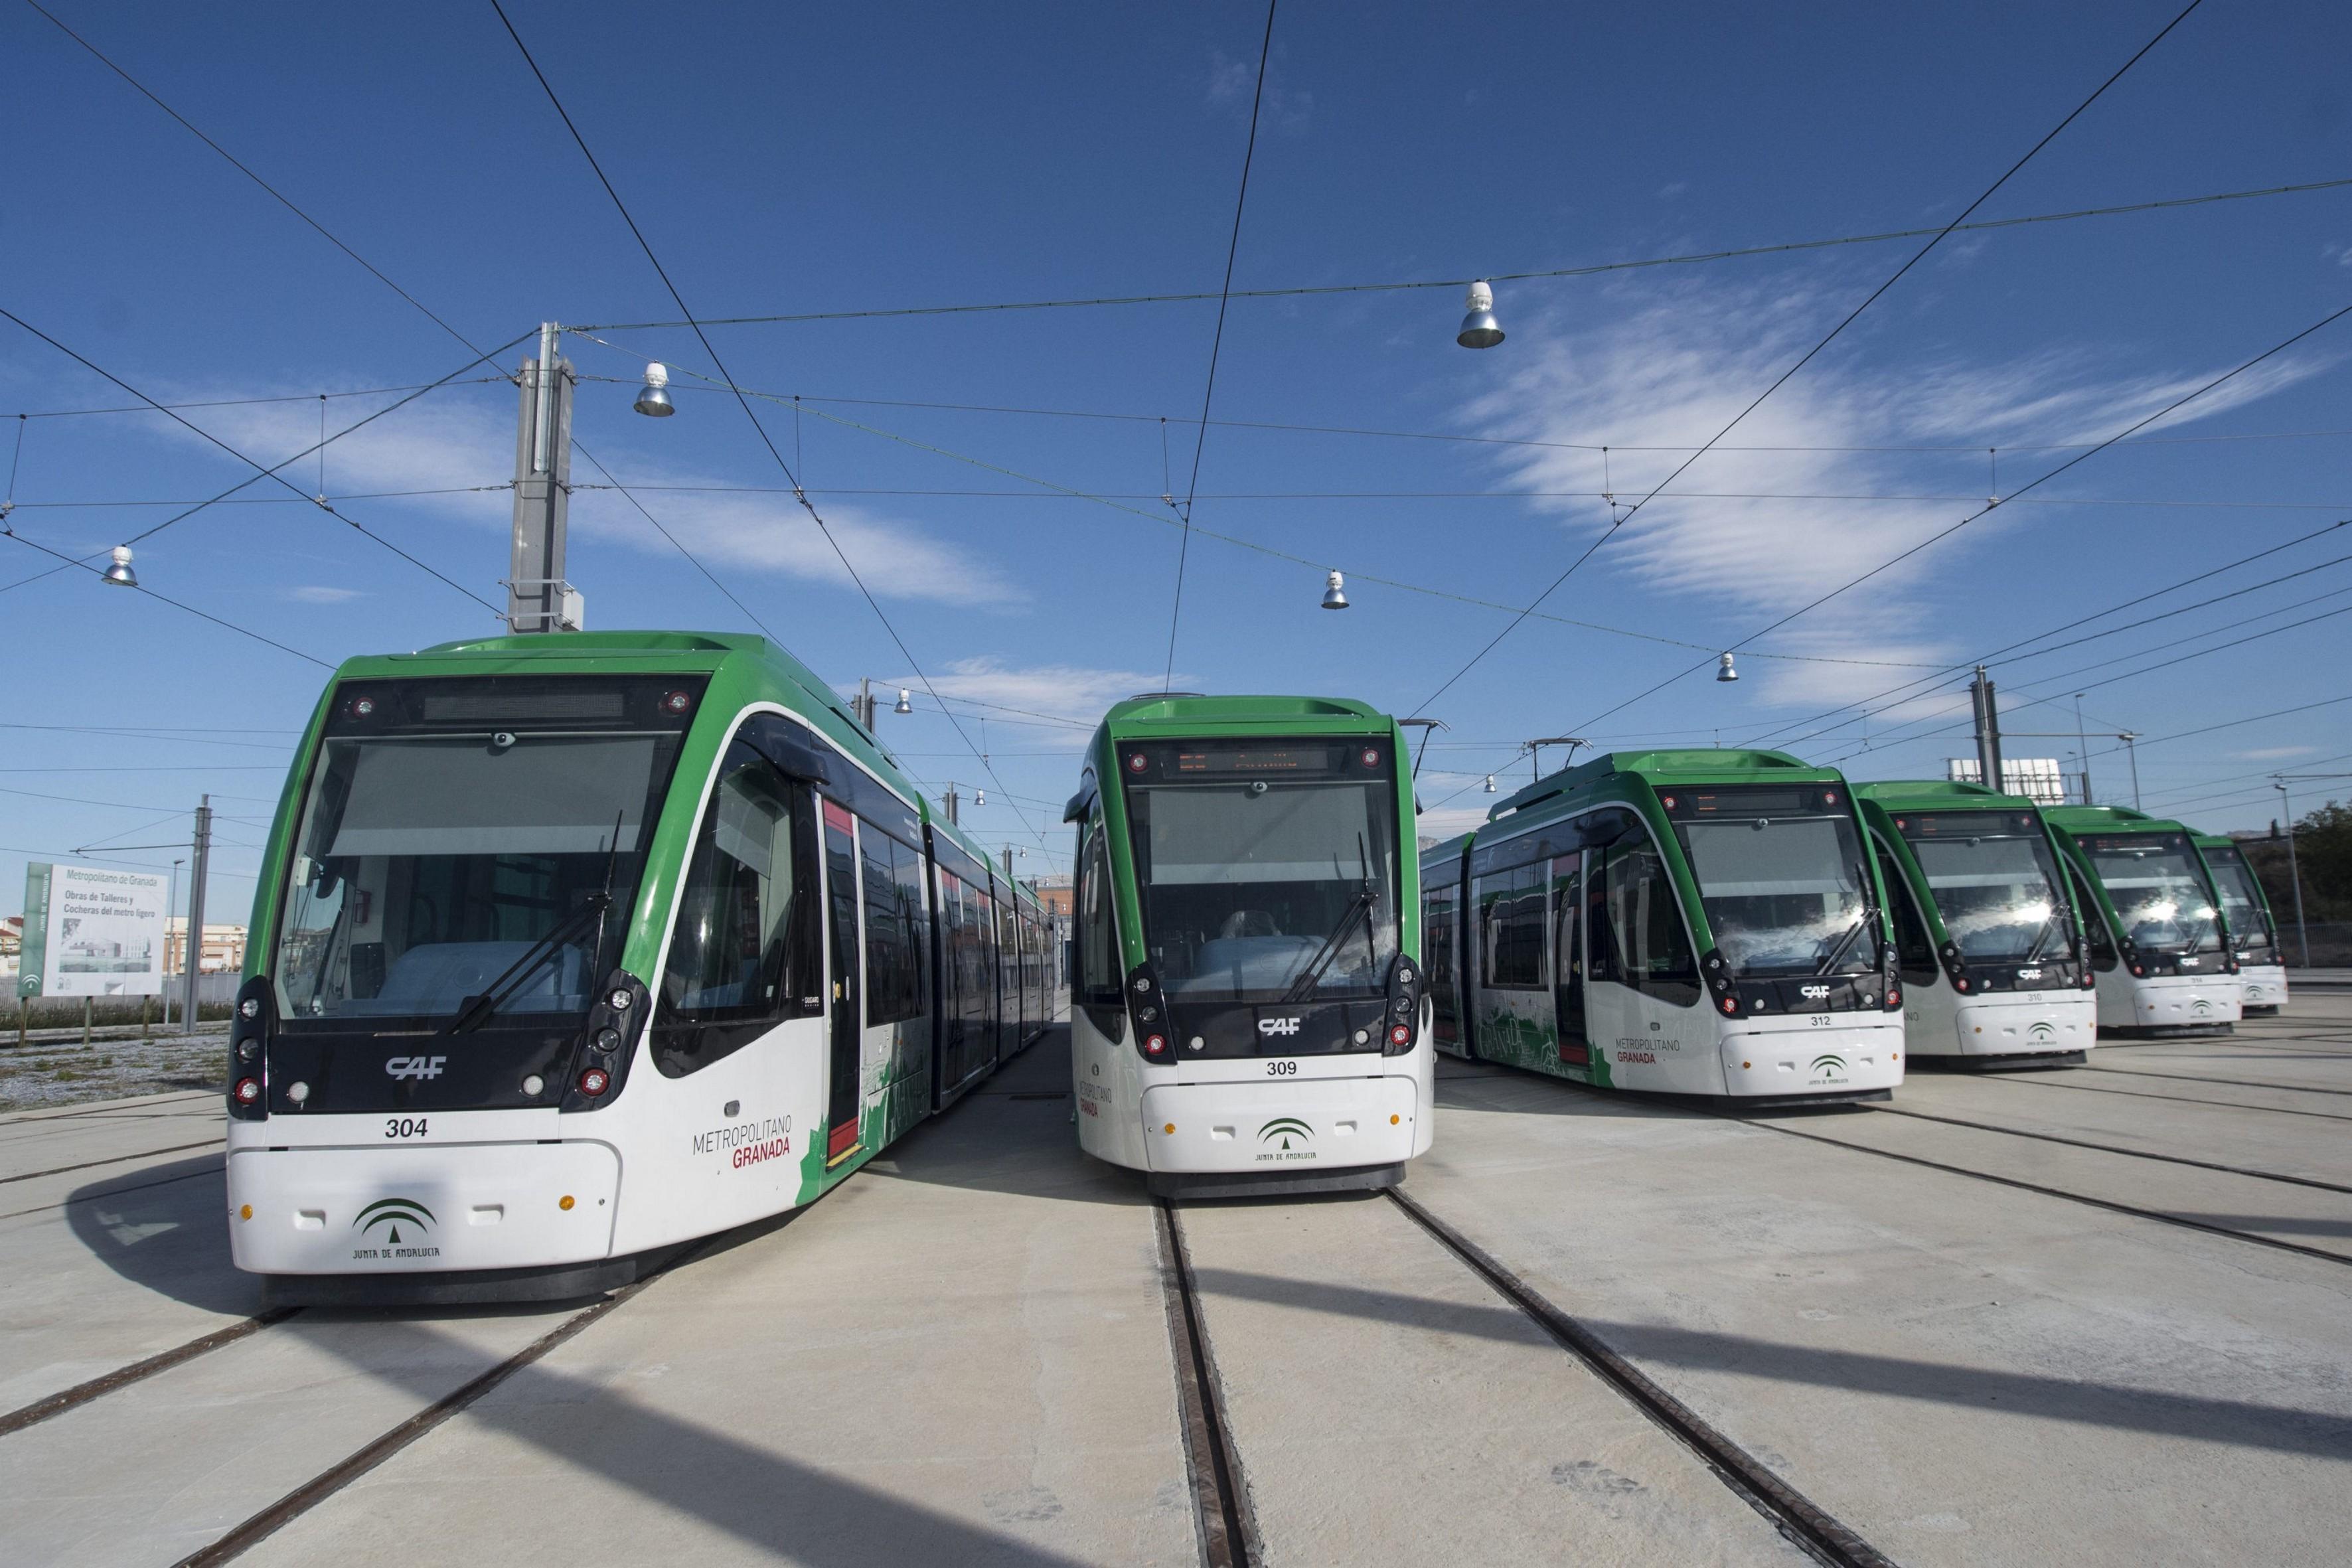 El Metropolitano de Granada ha arrojado un total de 10,20 millones de usuarios durante su primer año.